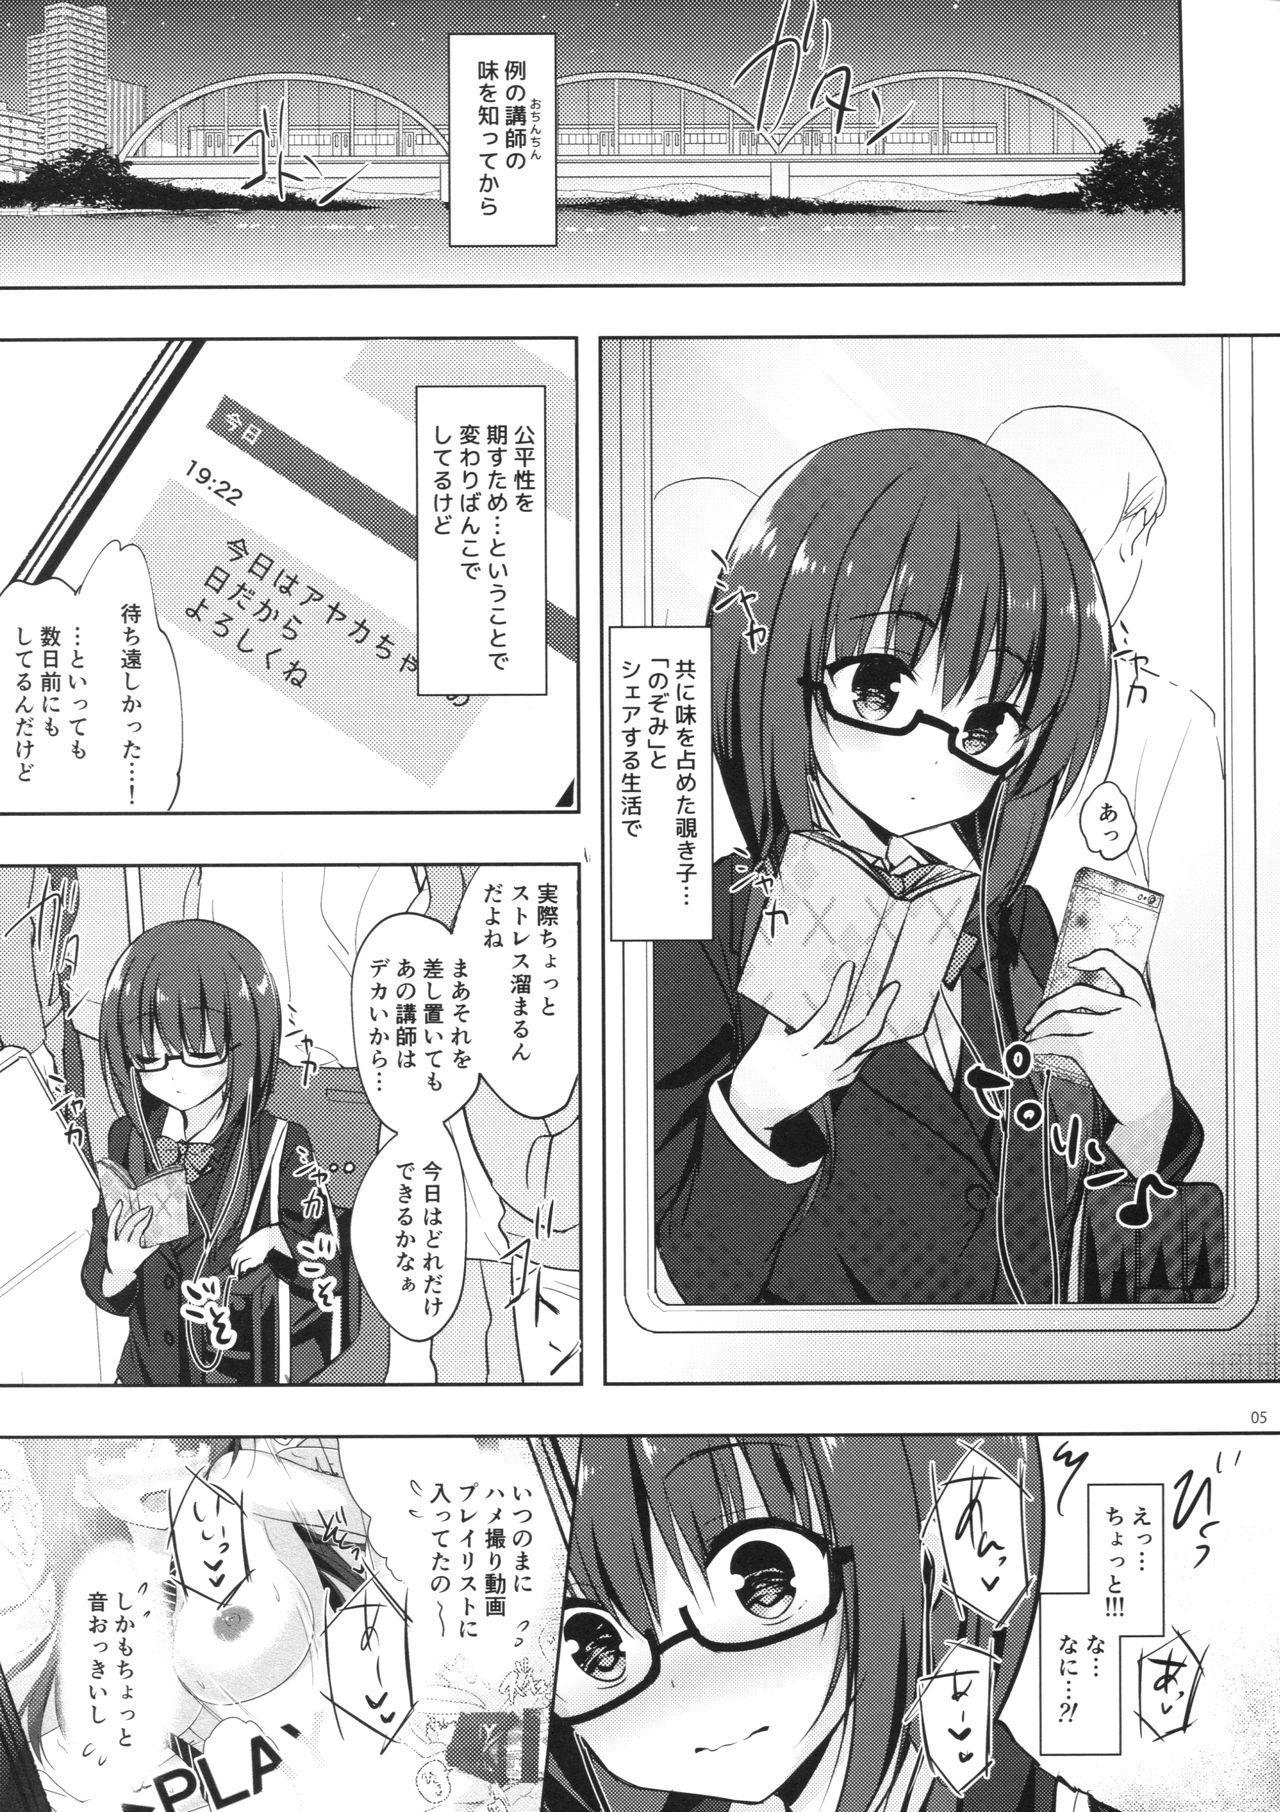 Yuutousei Ayaka no Uraomote 5 3